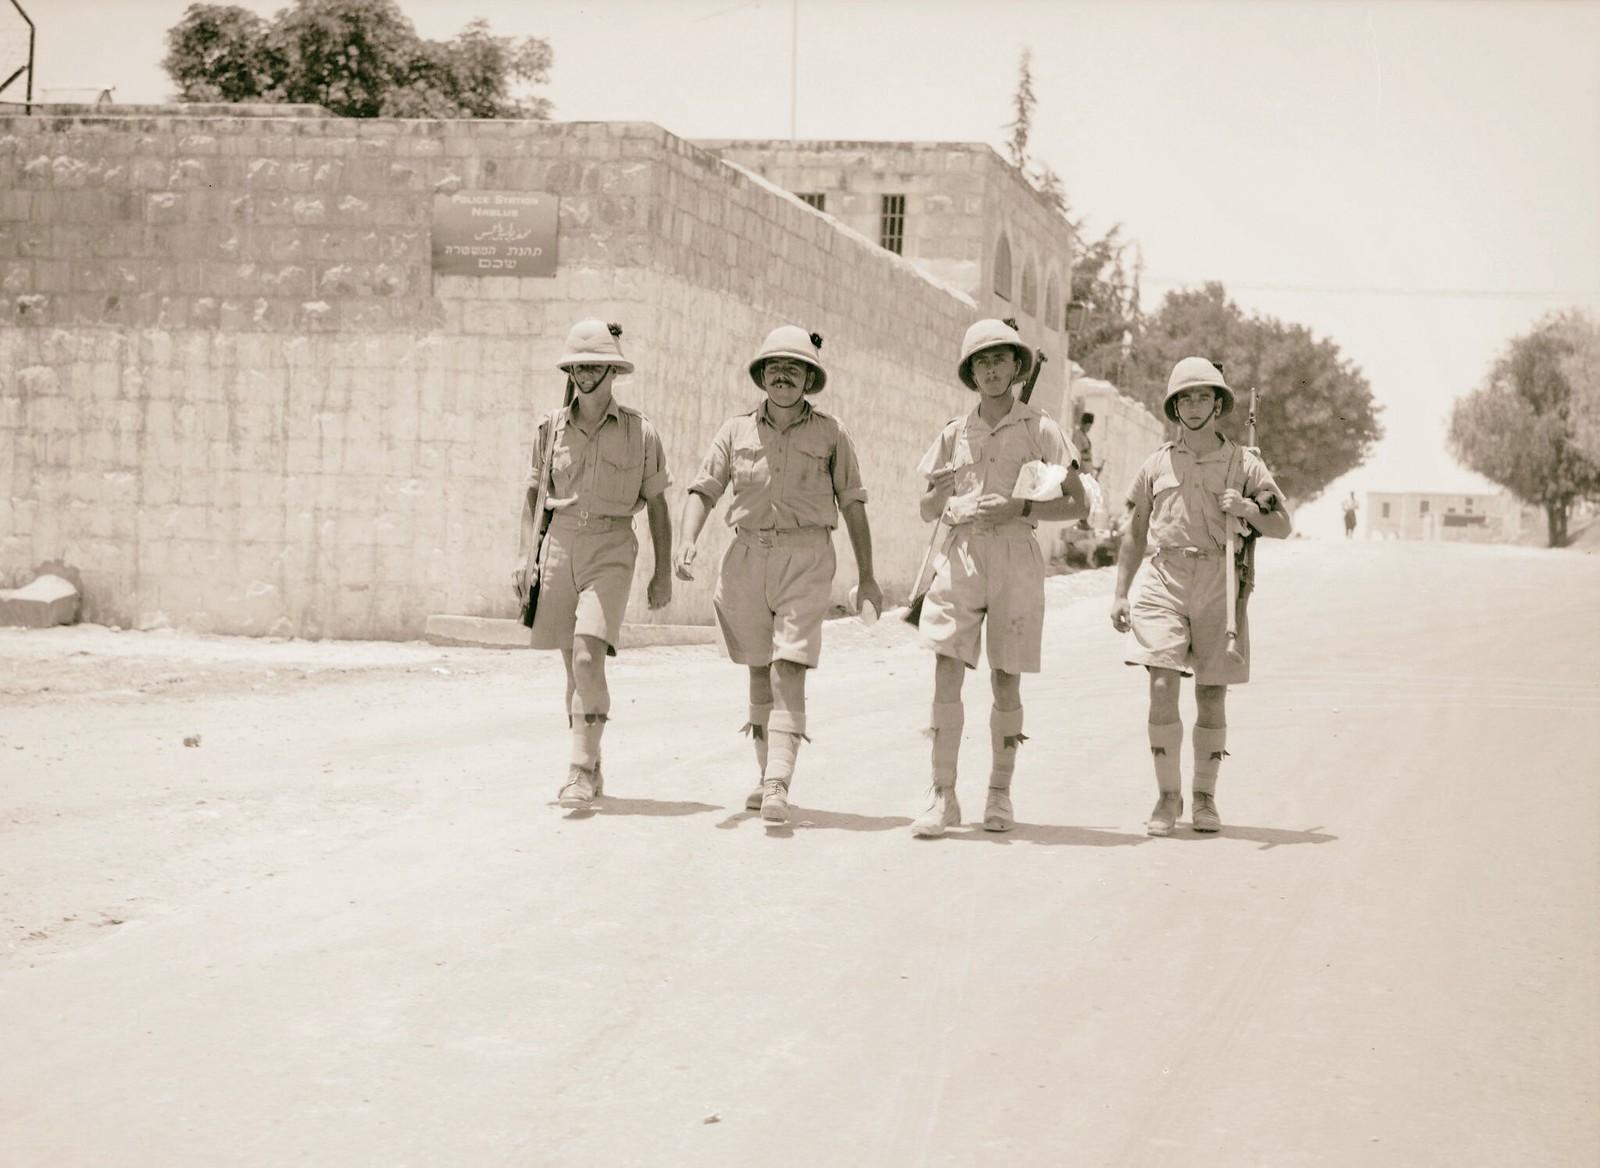 05. 1938. Британские солдаты патрулируют Шхем